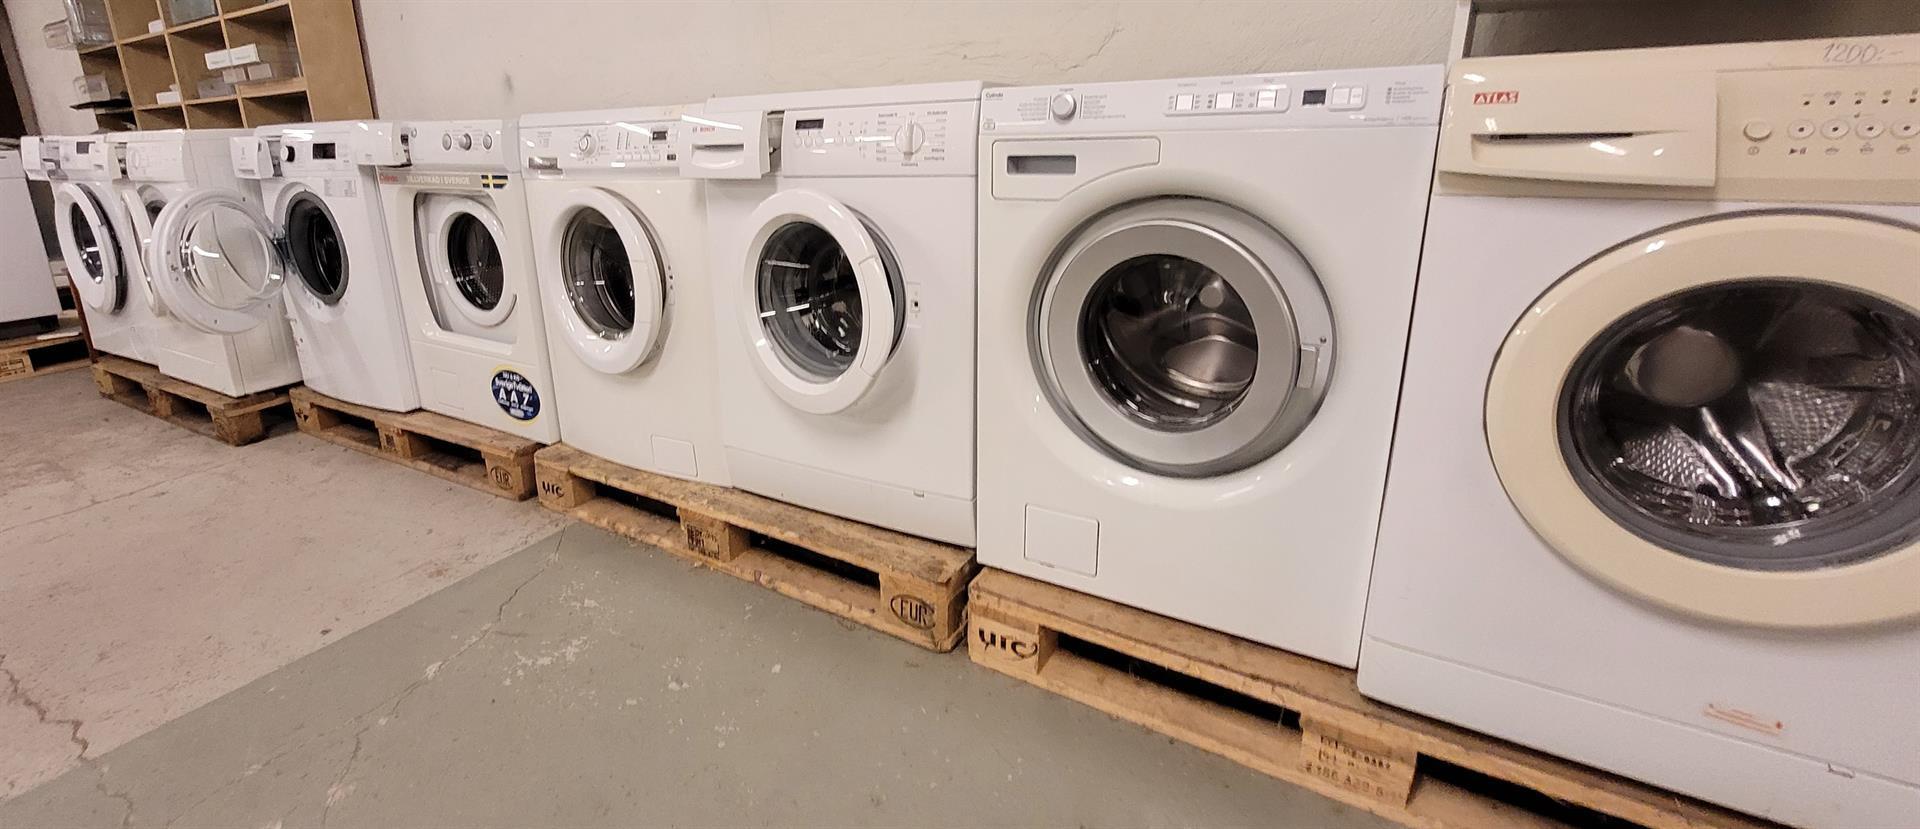 Tvättmaskiner 4-8 Kg.